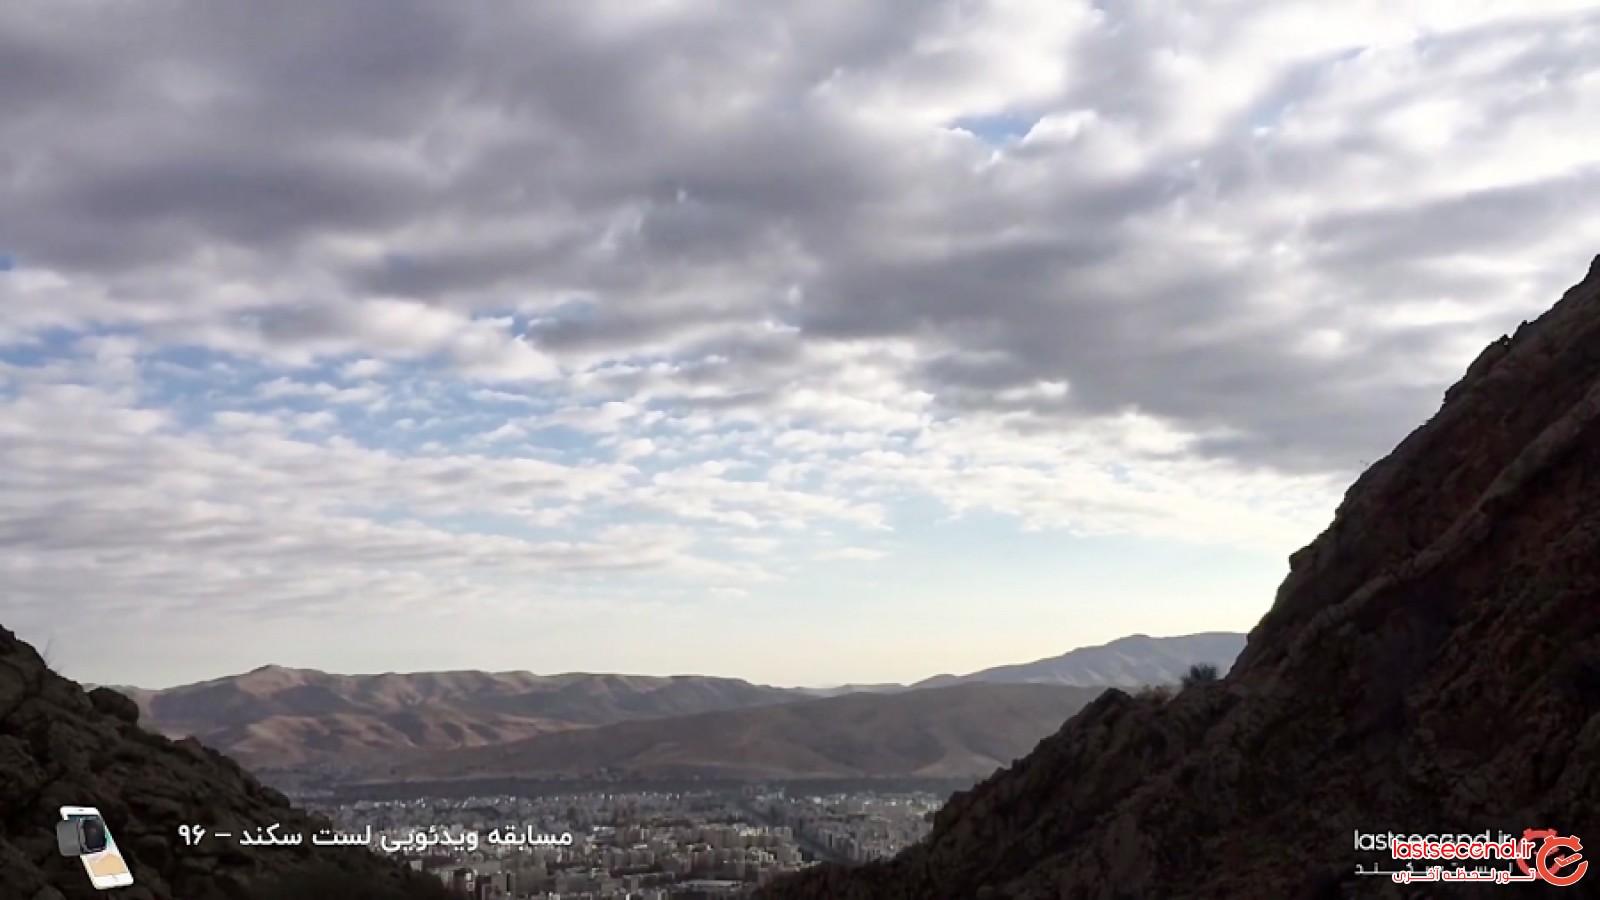 در امتداد کوه دراک با طبیعتی زیبا